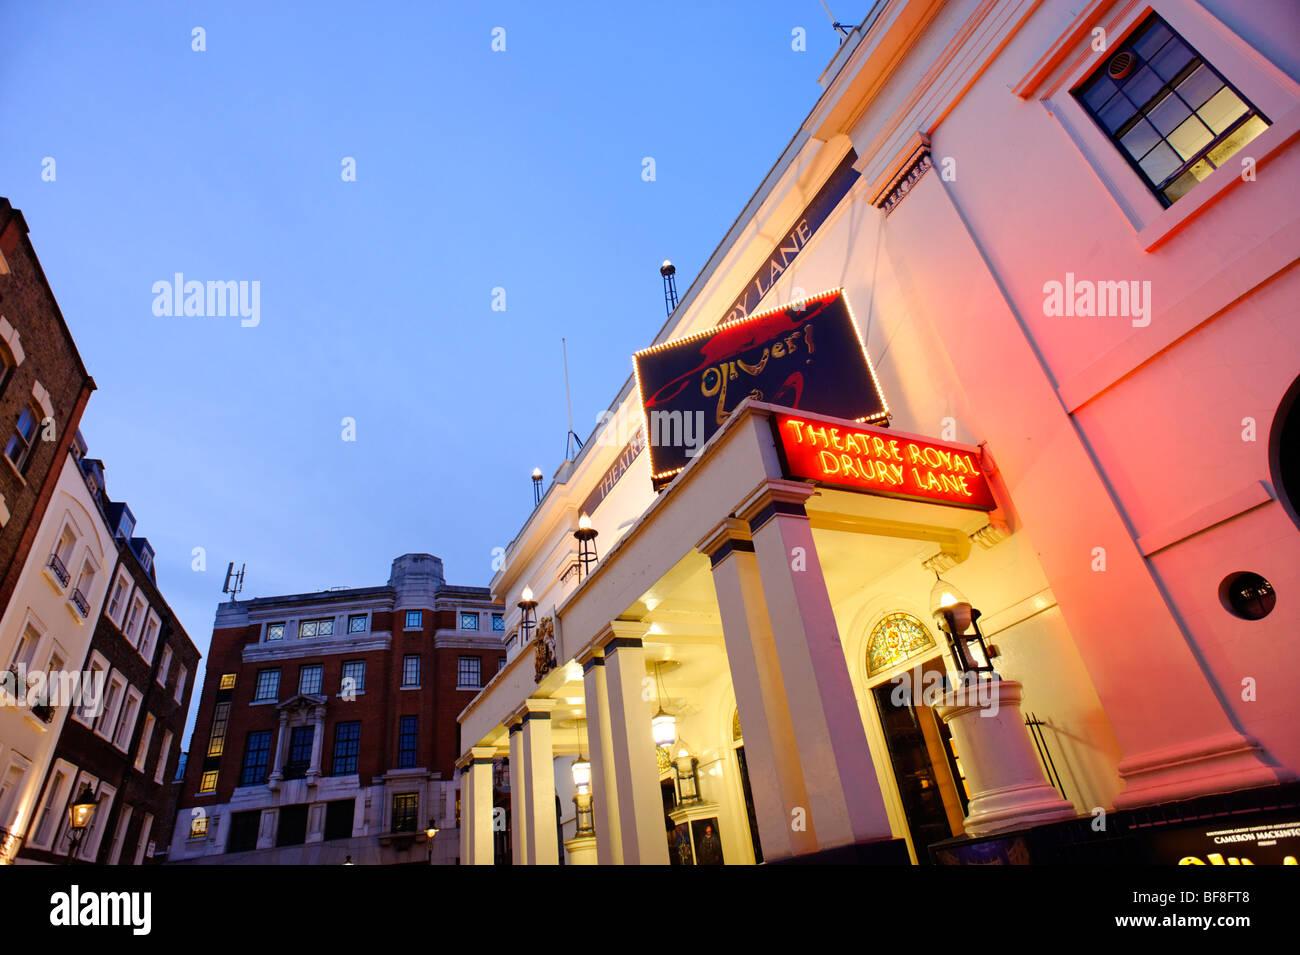 Theatre Royal Drury Lane. London. UK 2009. - Stock Image